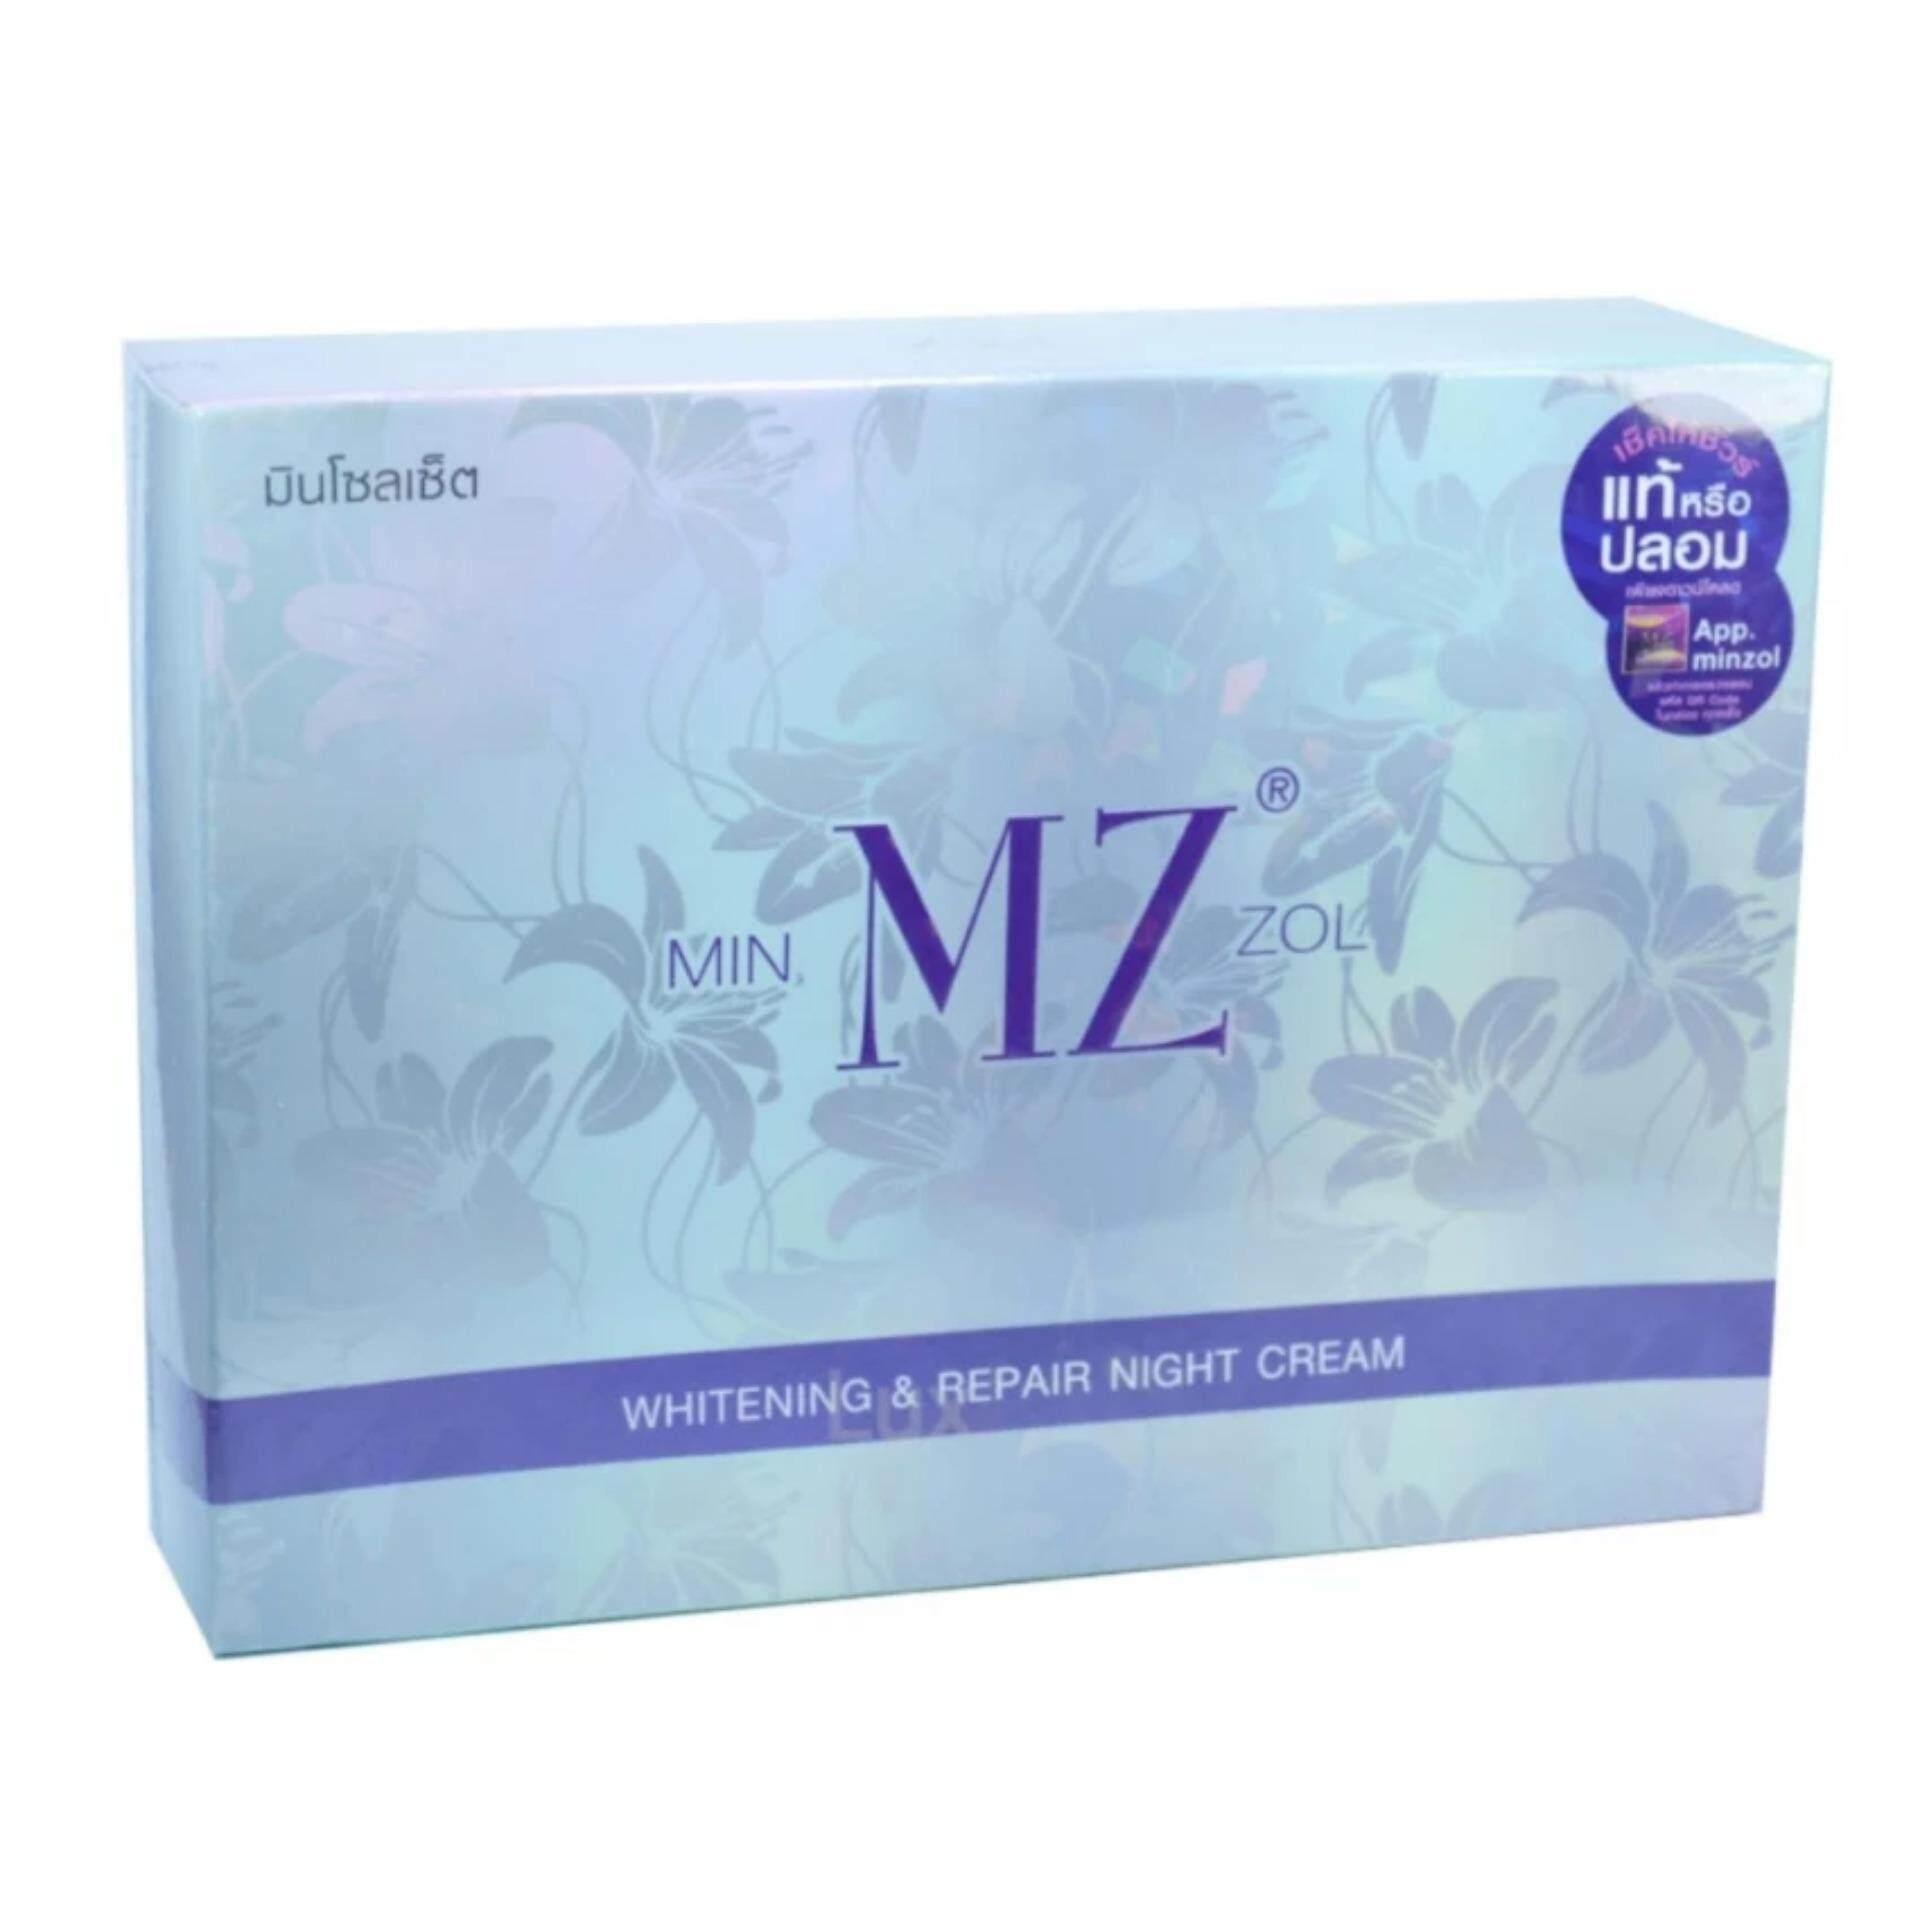 ลดล้างสต๊อก MinZol ครีมมินโซว หน้าขาว กระจ่างใส ไร้สิว x1เซ็ท (ของแท้100%) ขาวจริง